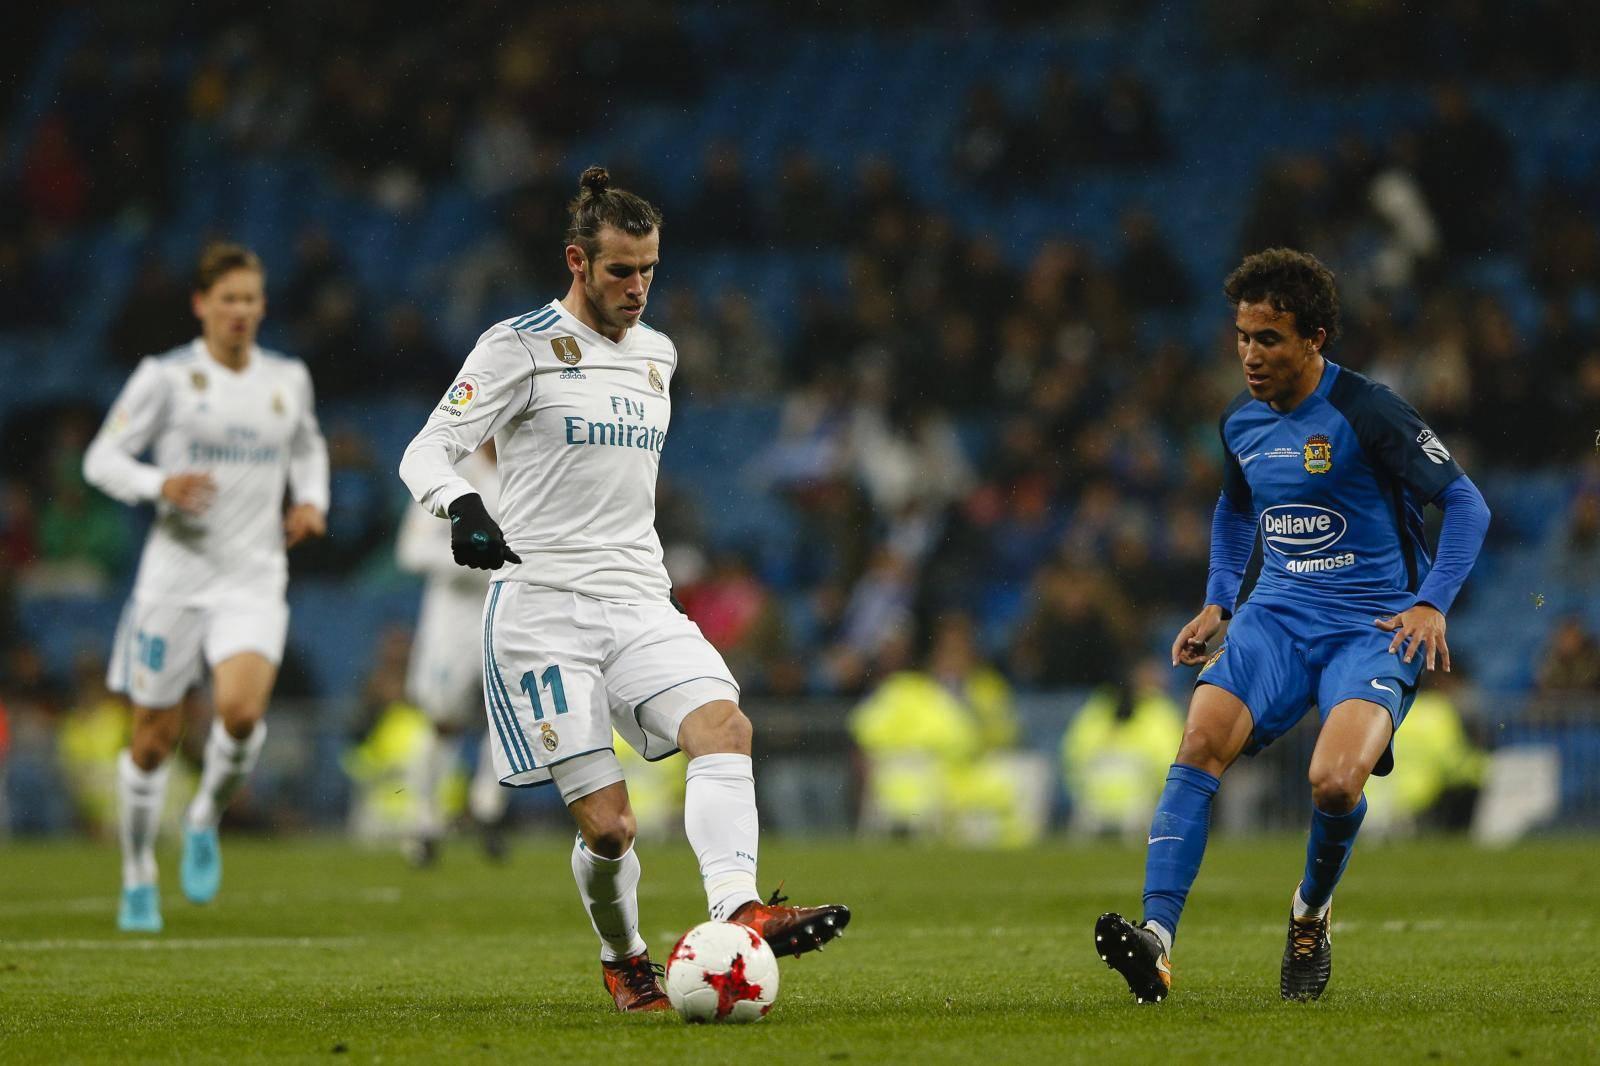 COPA:  COPA DEL REY REAL MADRID VS FUENLABRADA